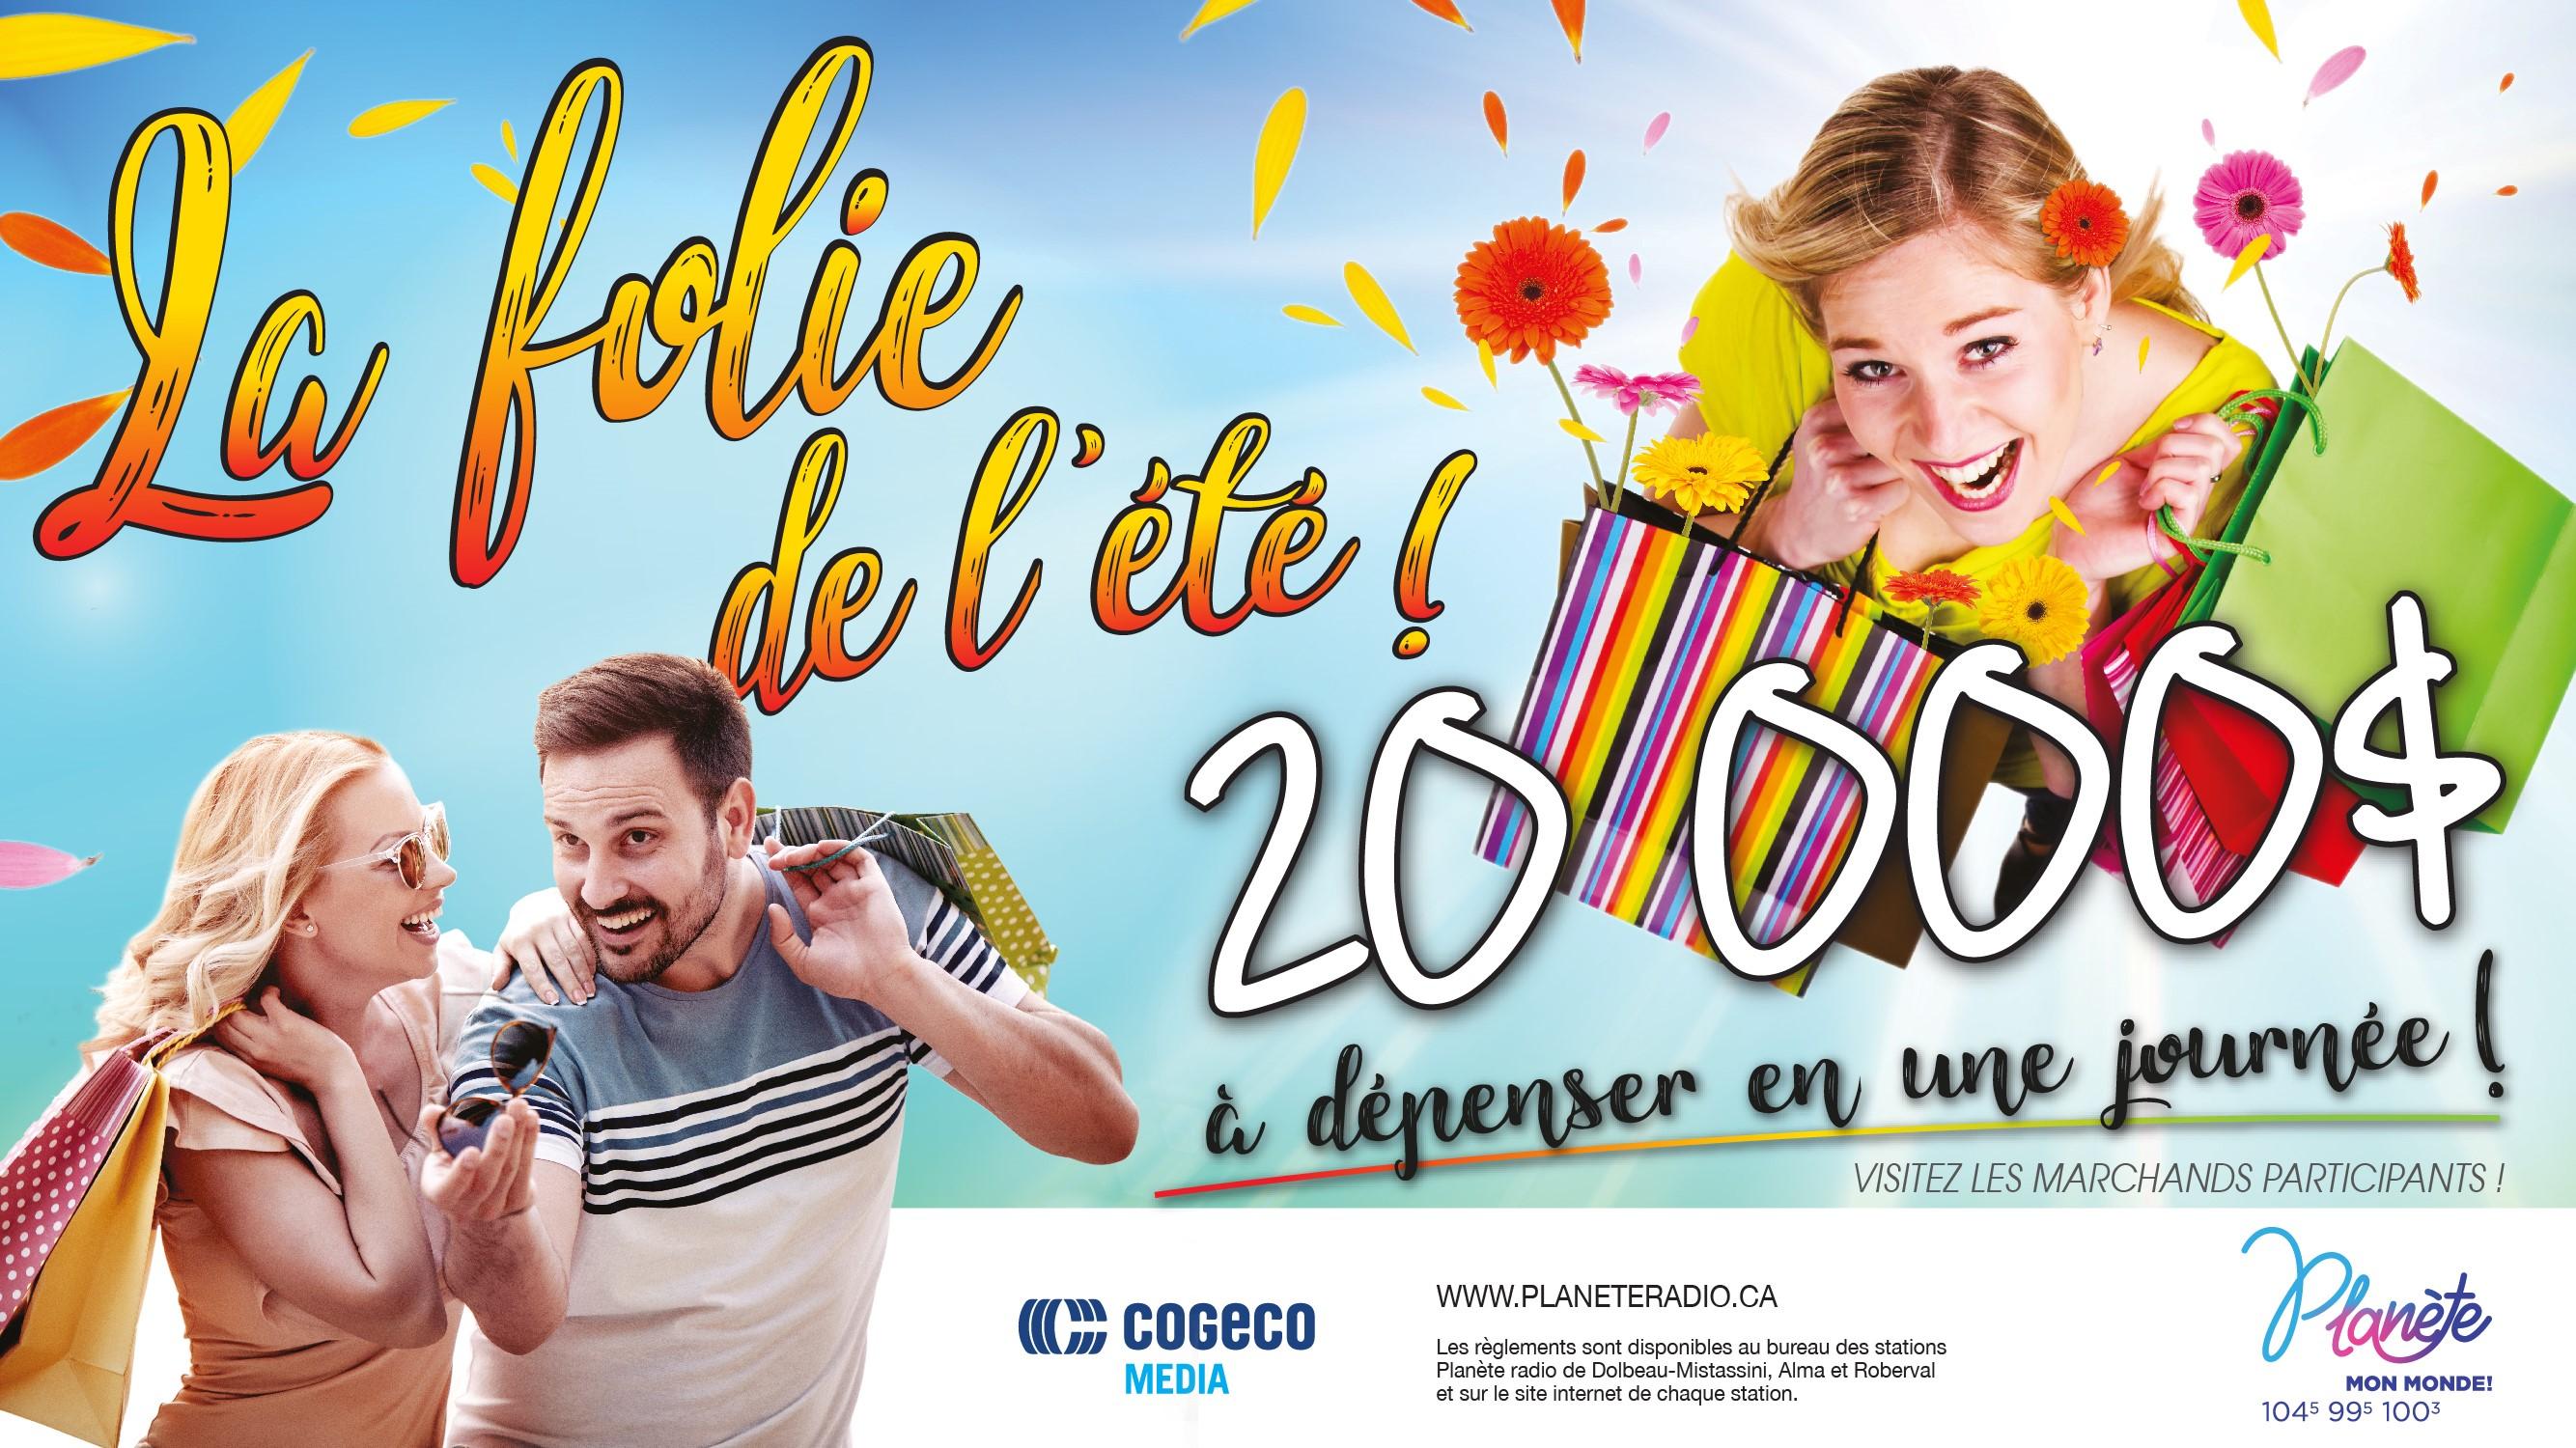 LA FOLIE DE L'ÉTÉ AU 100,3